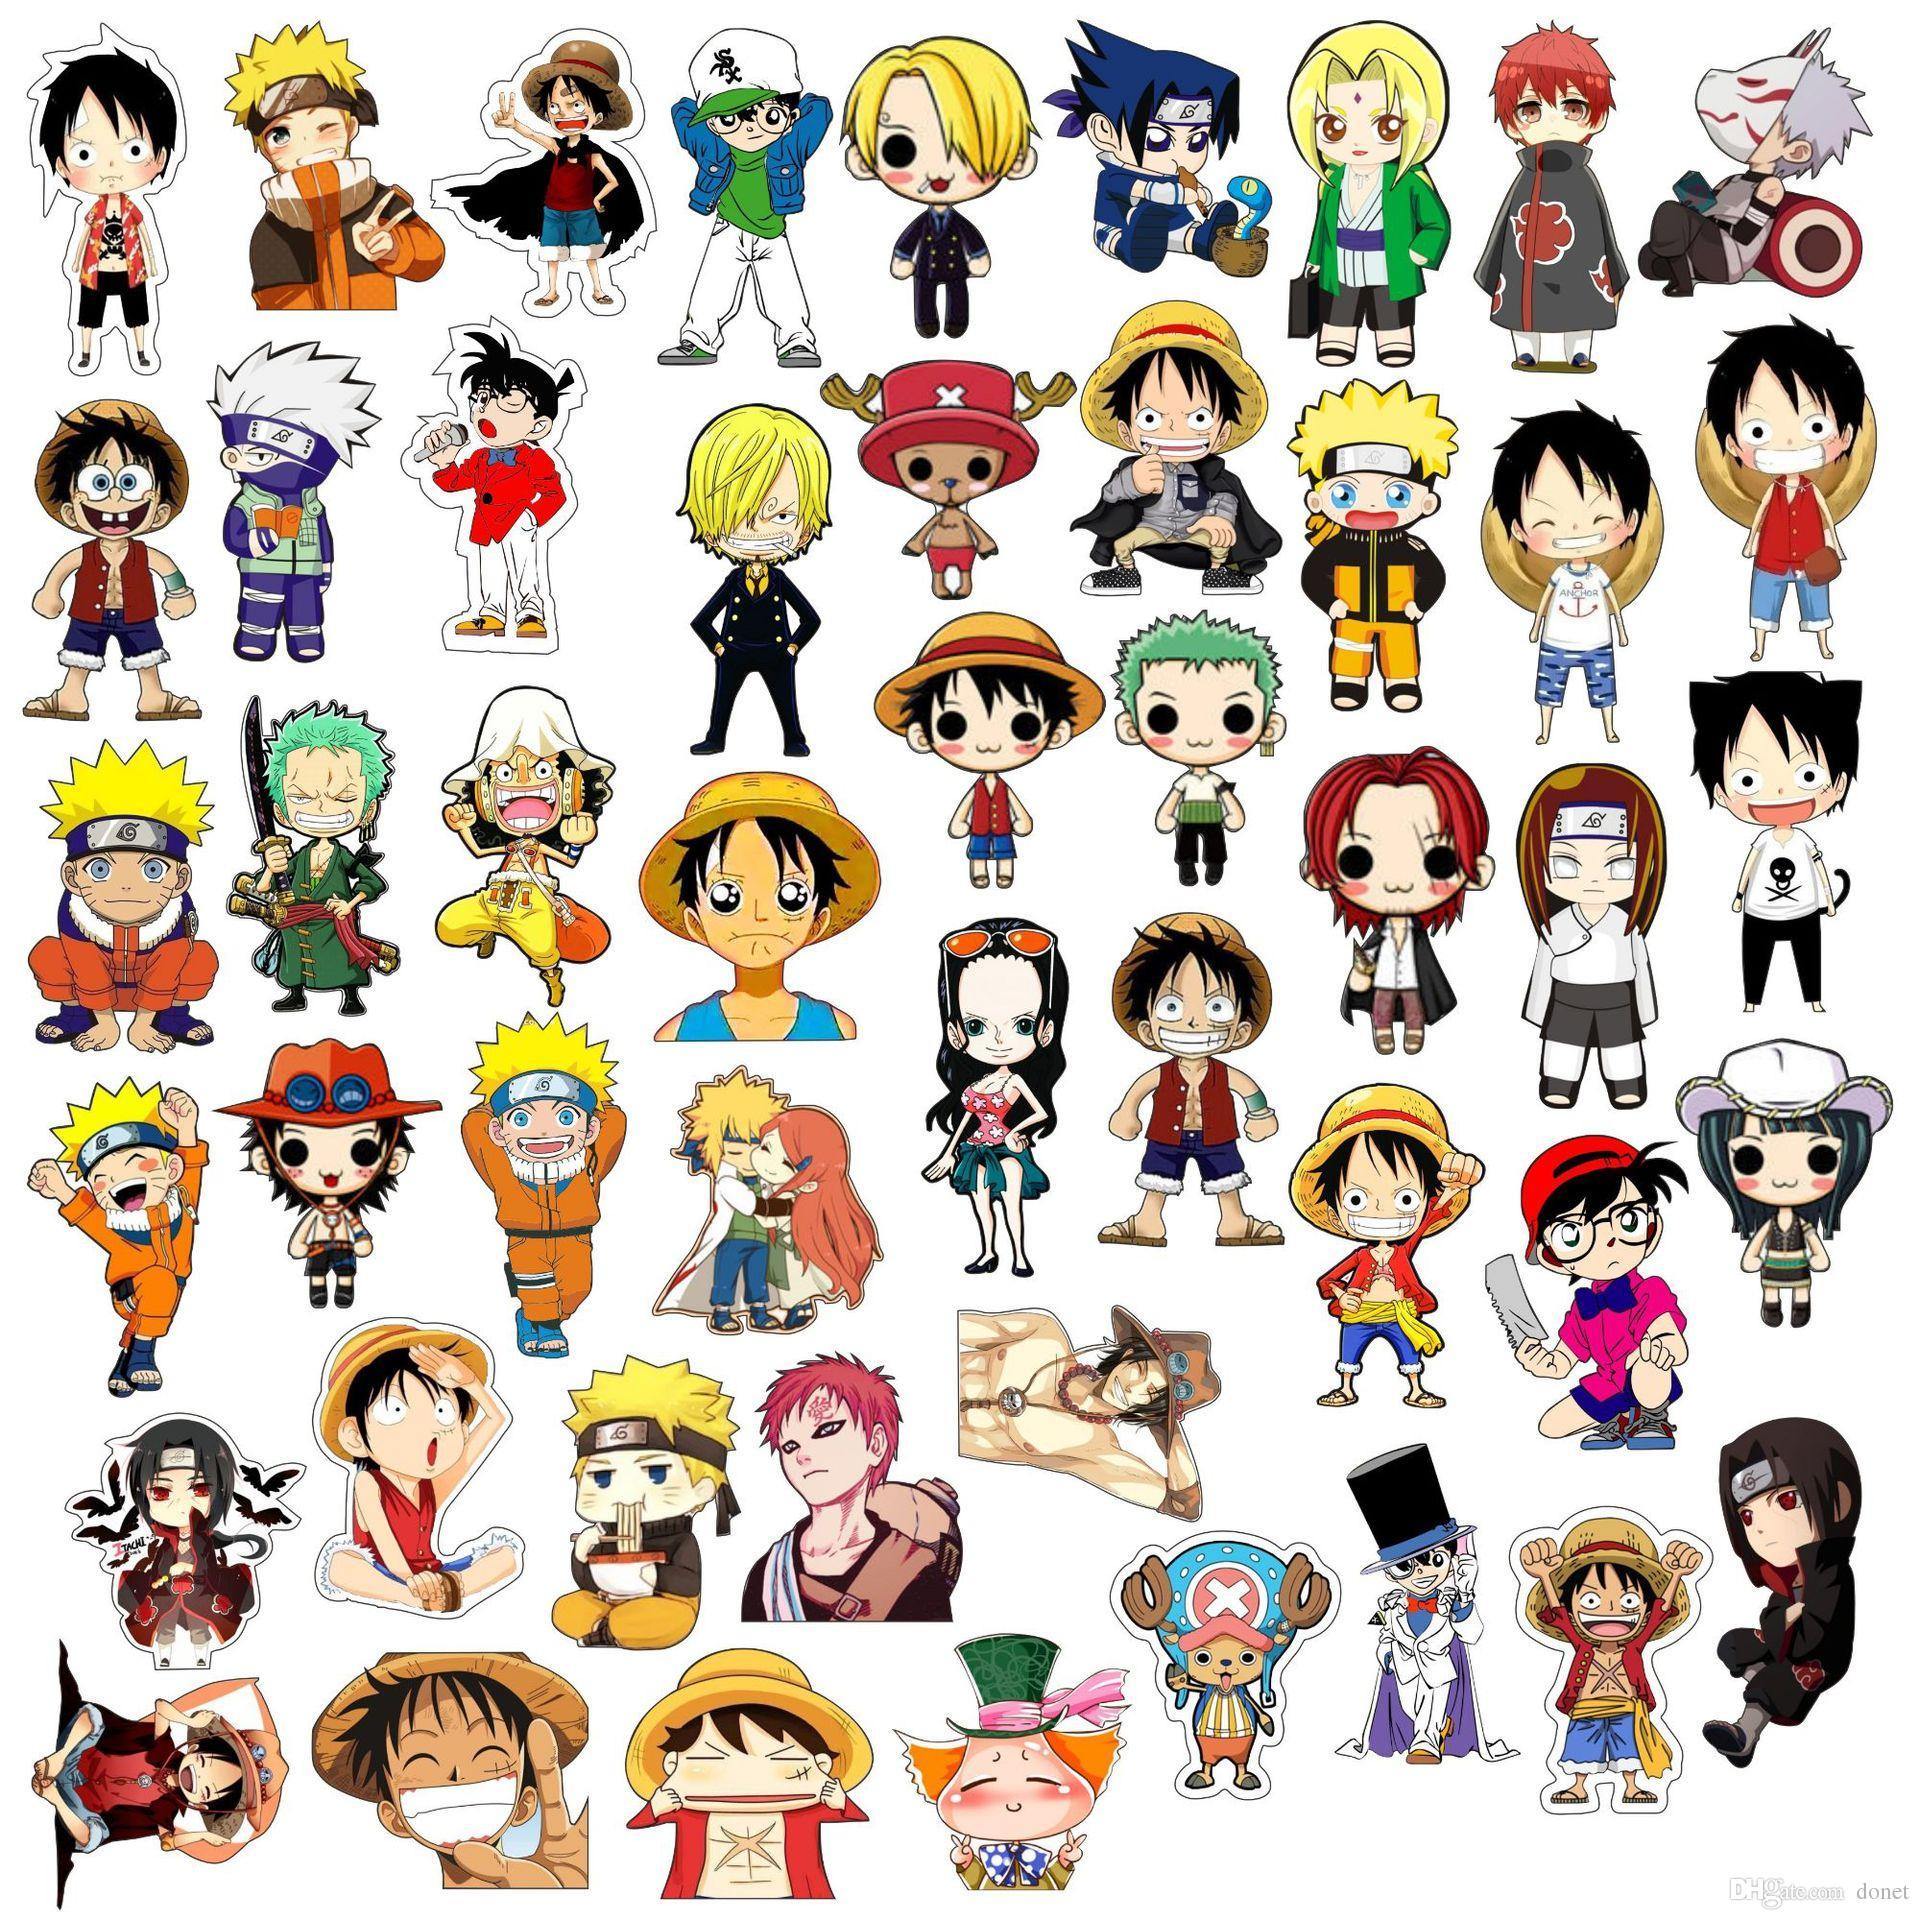 055fff9d7b Compre 49 Estilos Whoesale Ícone Dos Desenhos Animados Pinos Para Roupas  Acrílico Emblemas Para Crianças Anime Broches Mochila Acessórios De Boa  Qualidade ...